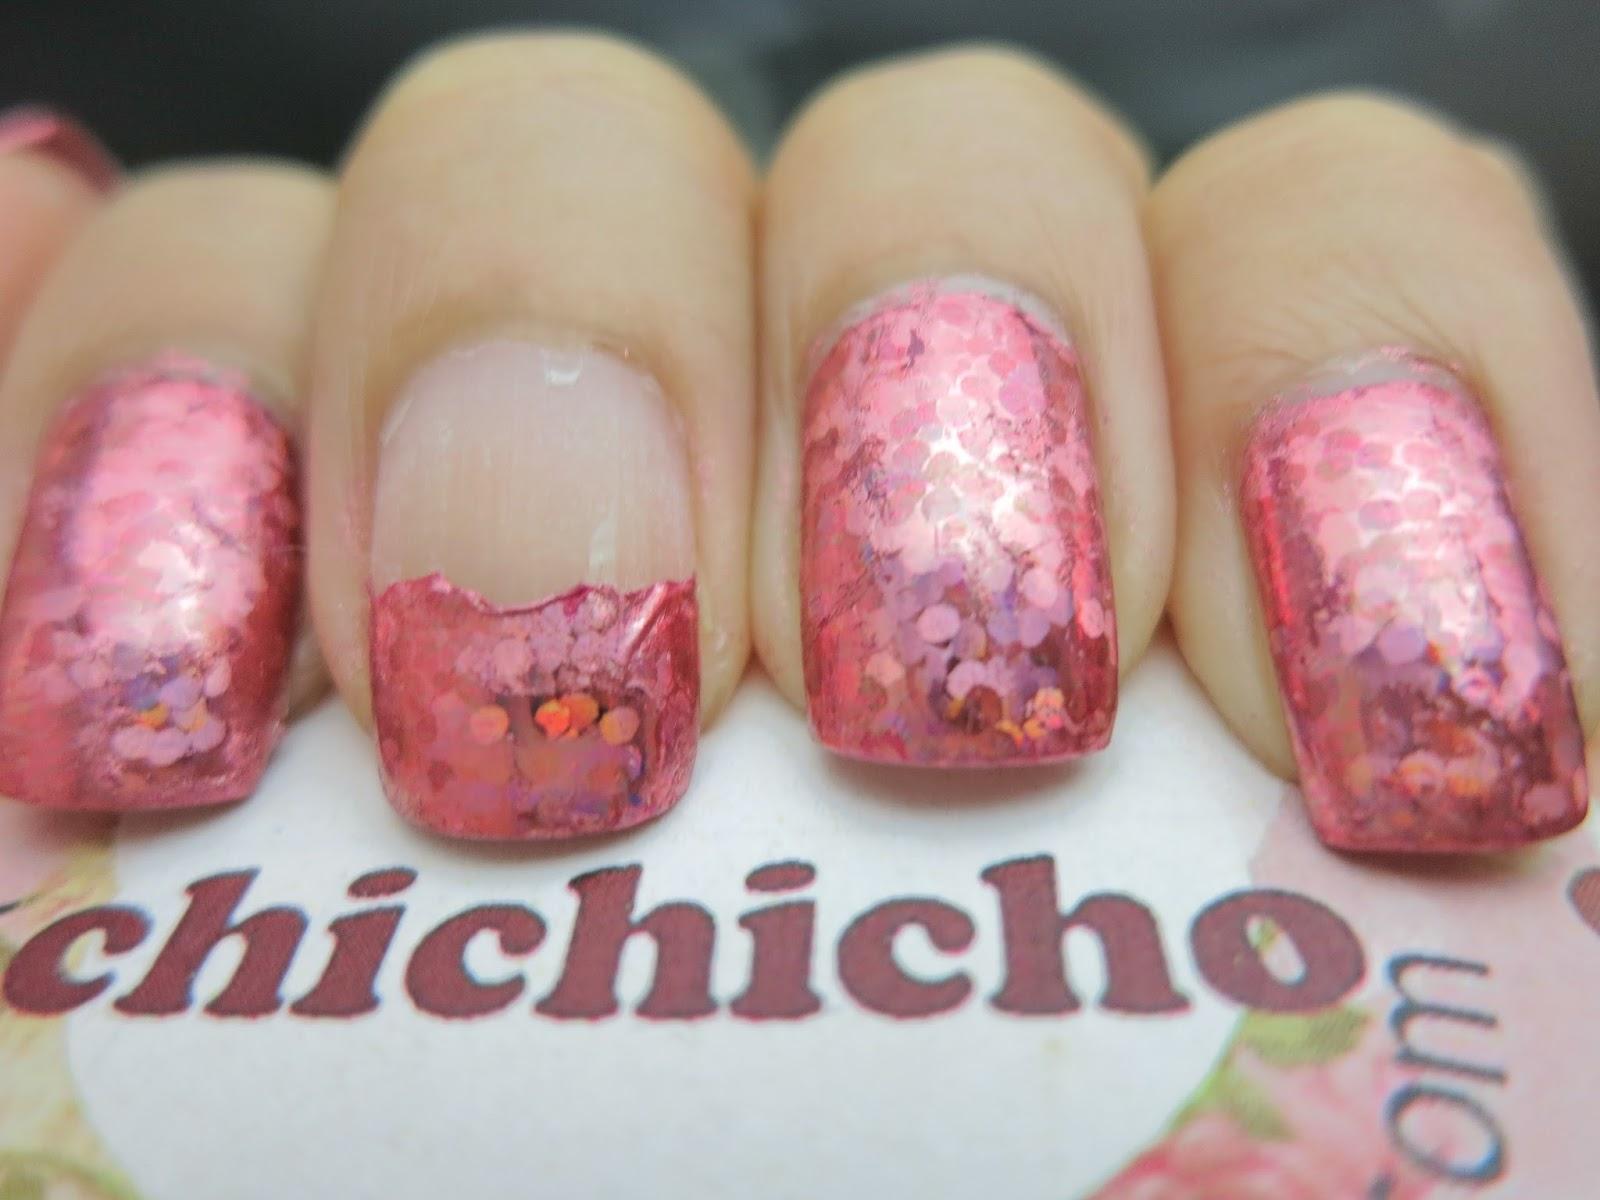 Pink Glittery Specks Nail Foil Born Pretty Store Review - chichicho~